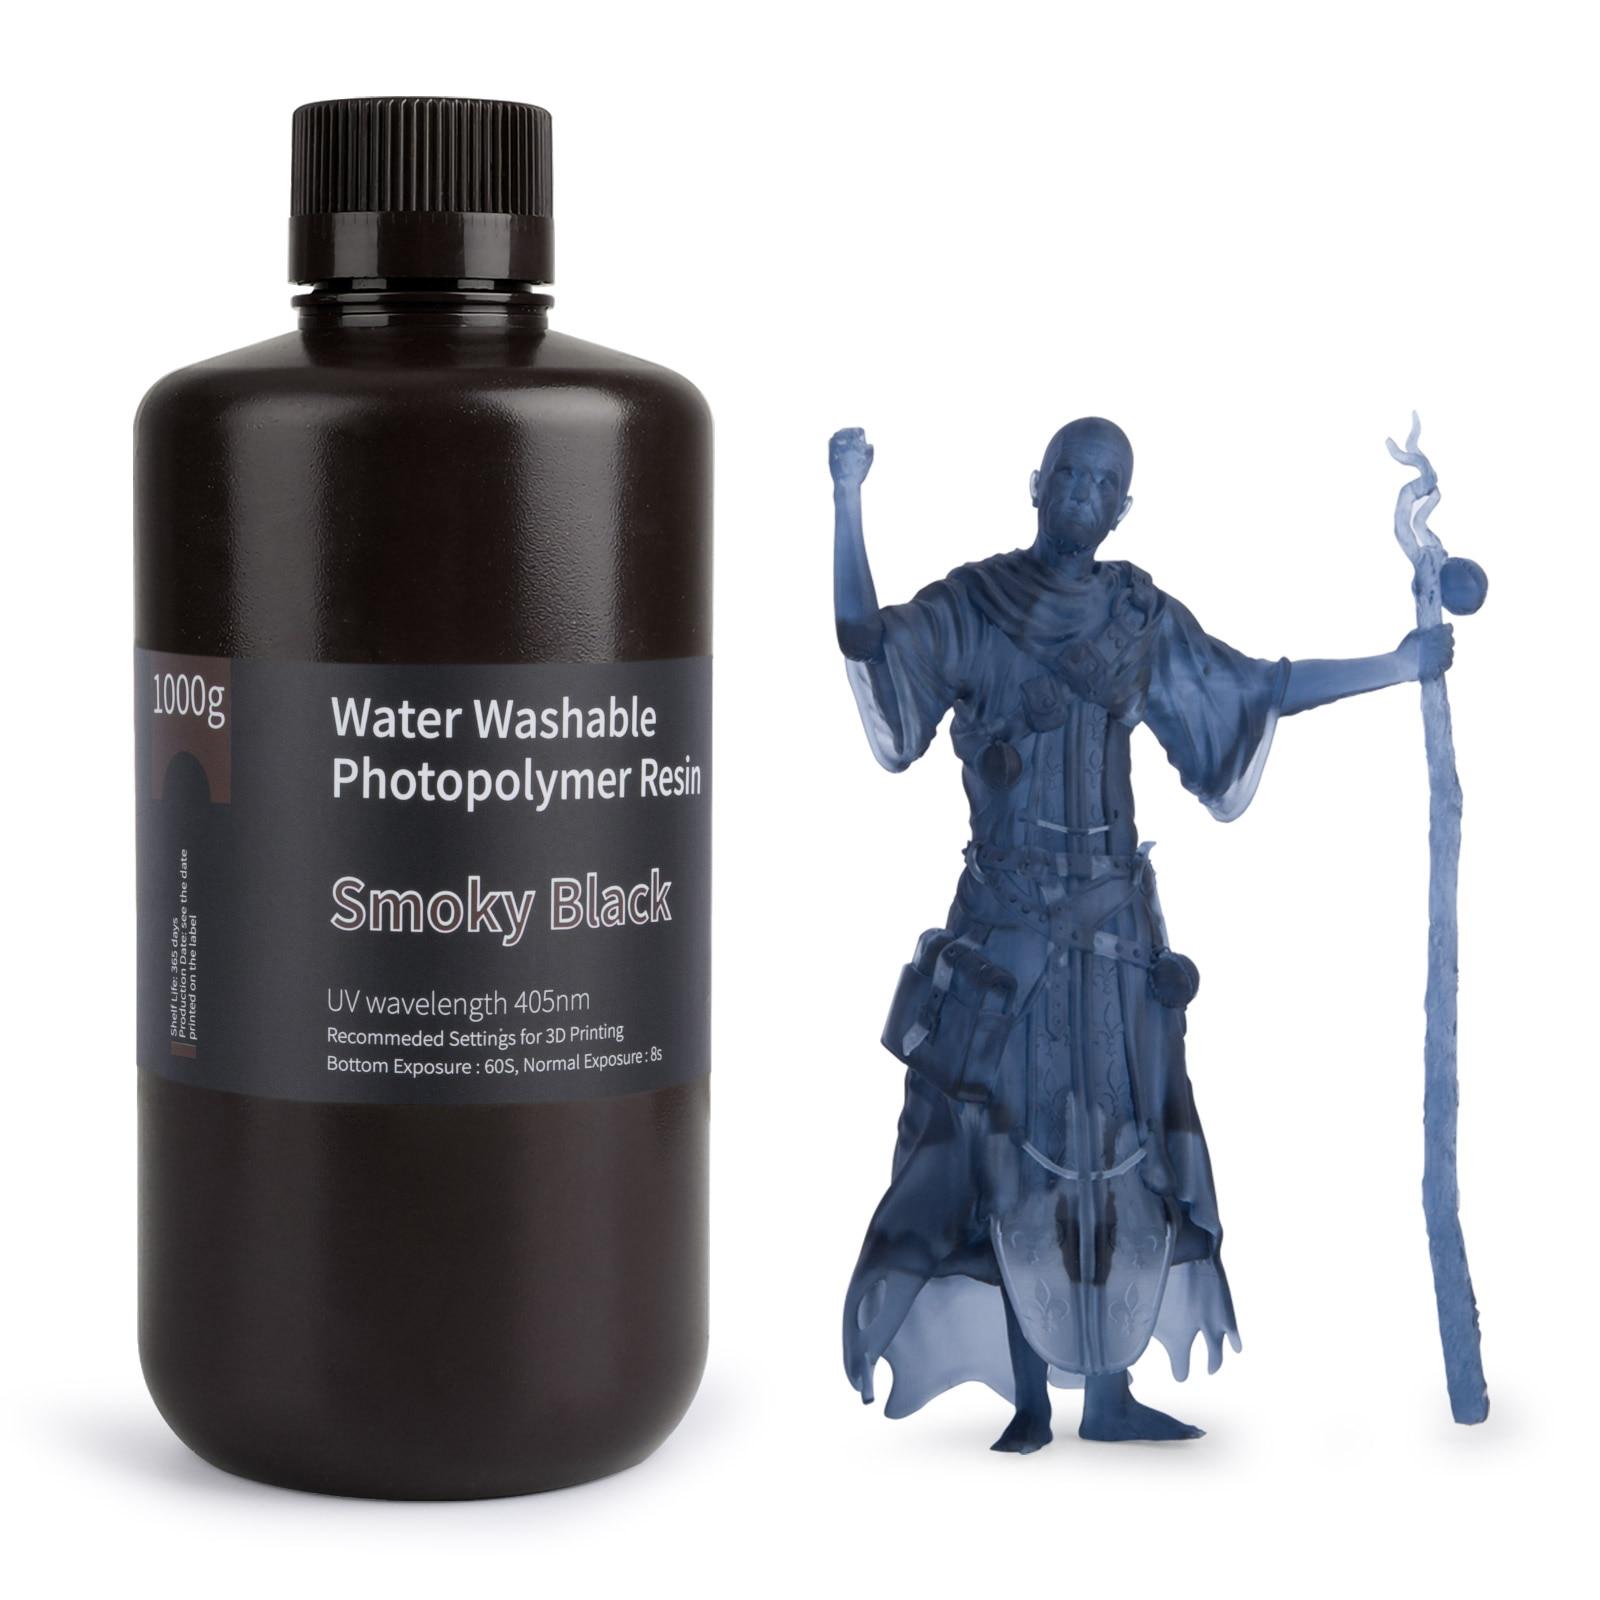 ELEGOO воды моющаяся Резина 3D-принтеры смолы 405nm УФ Смола Стандартный фотополимерные смолы для ЖК-дисплей 3D-принтеры дымчато-черный 1000 мл